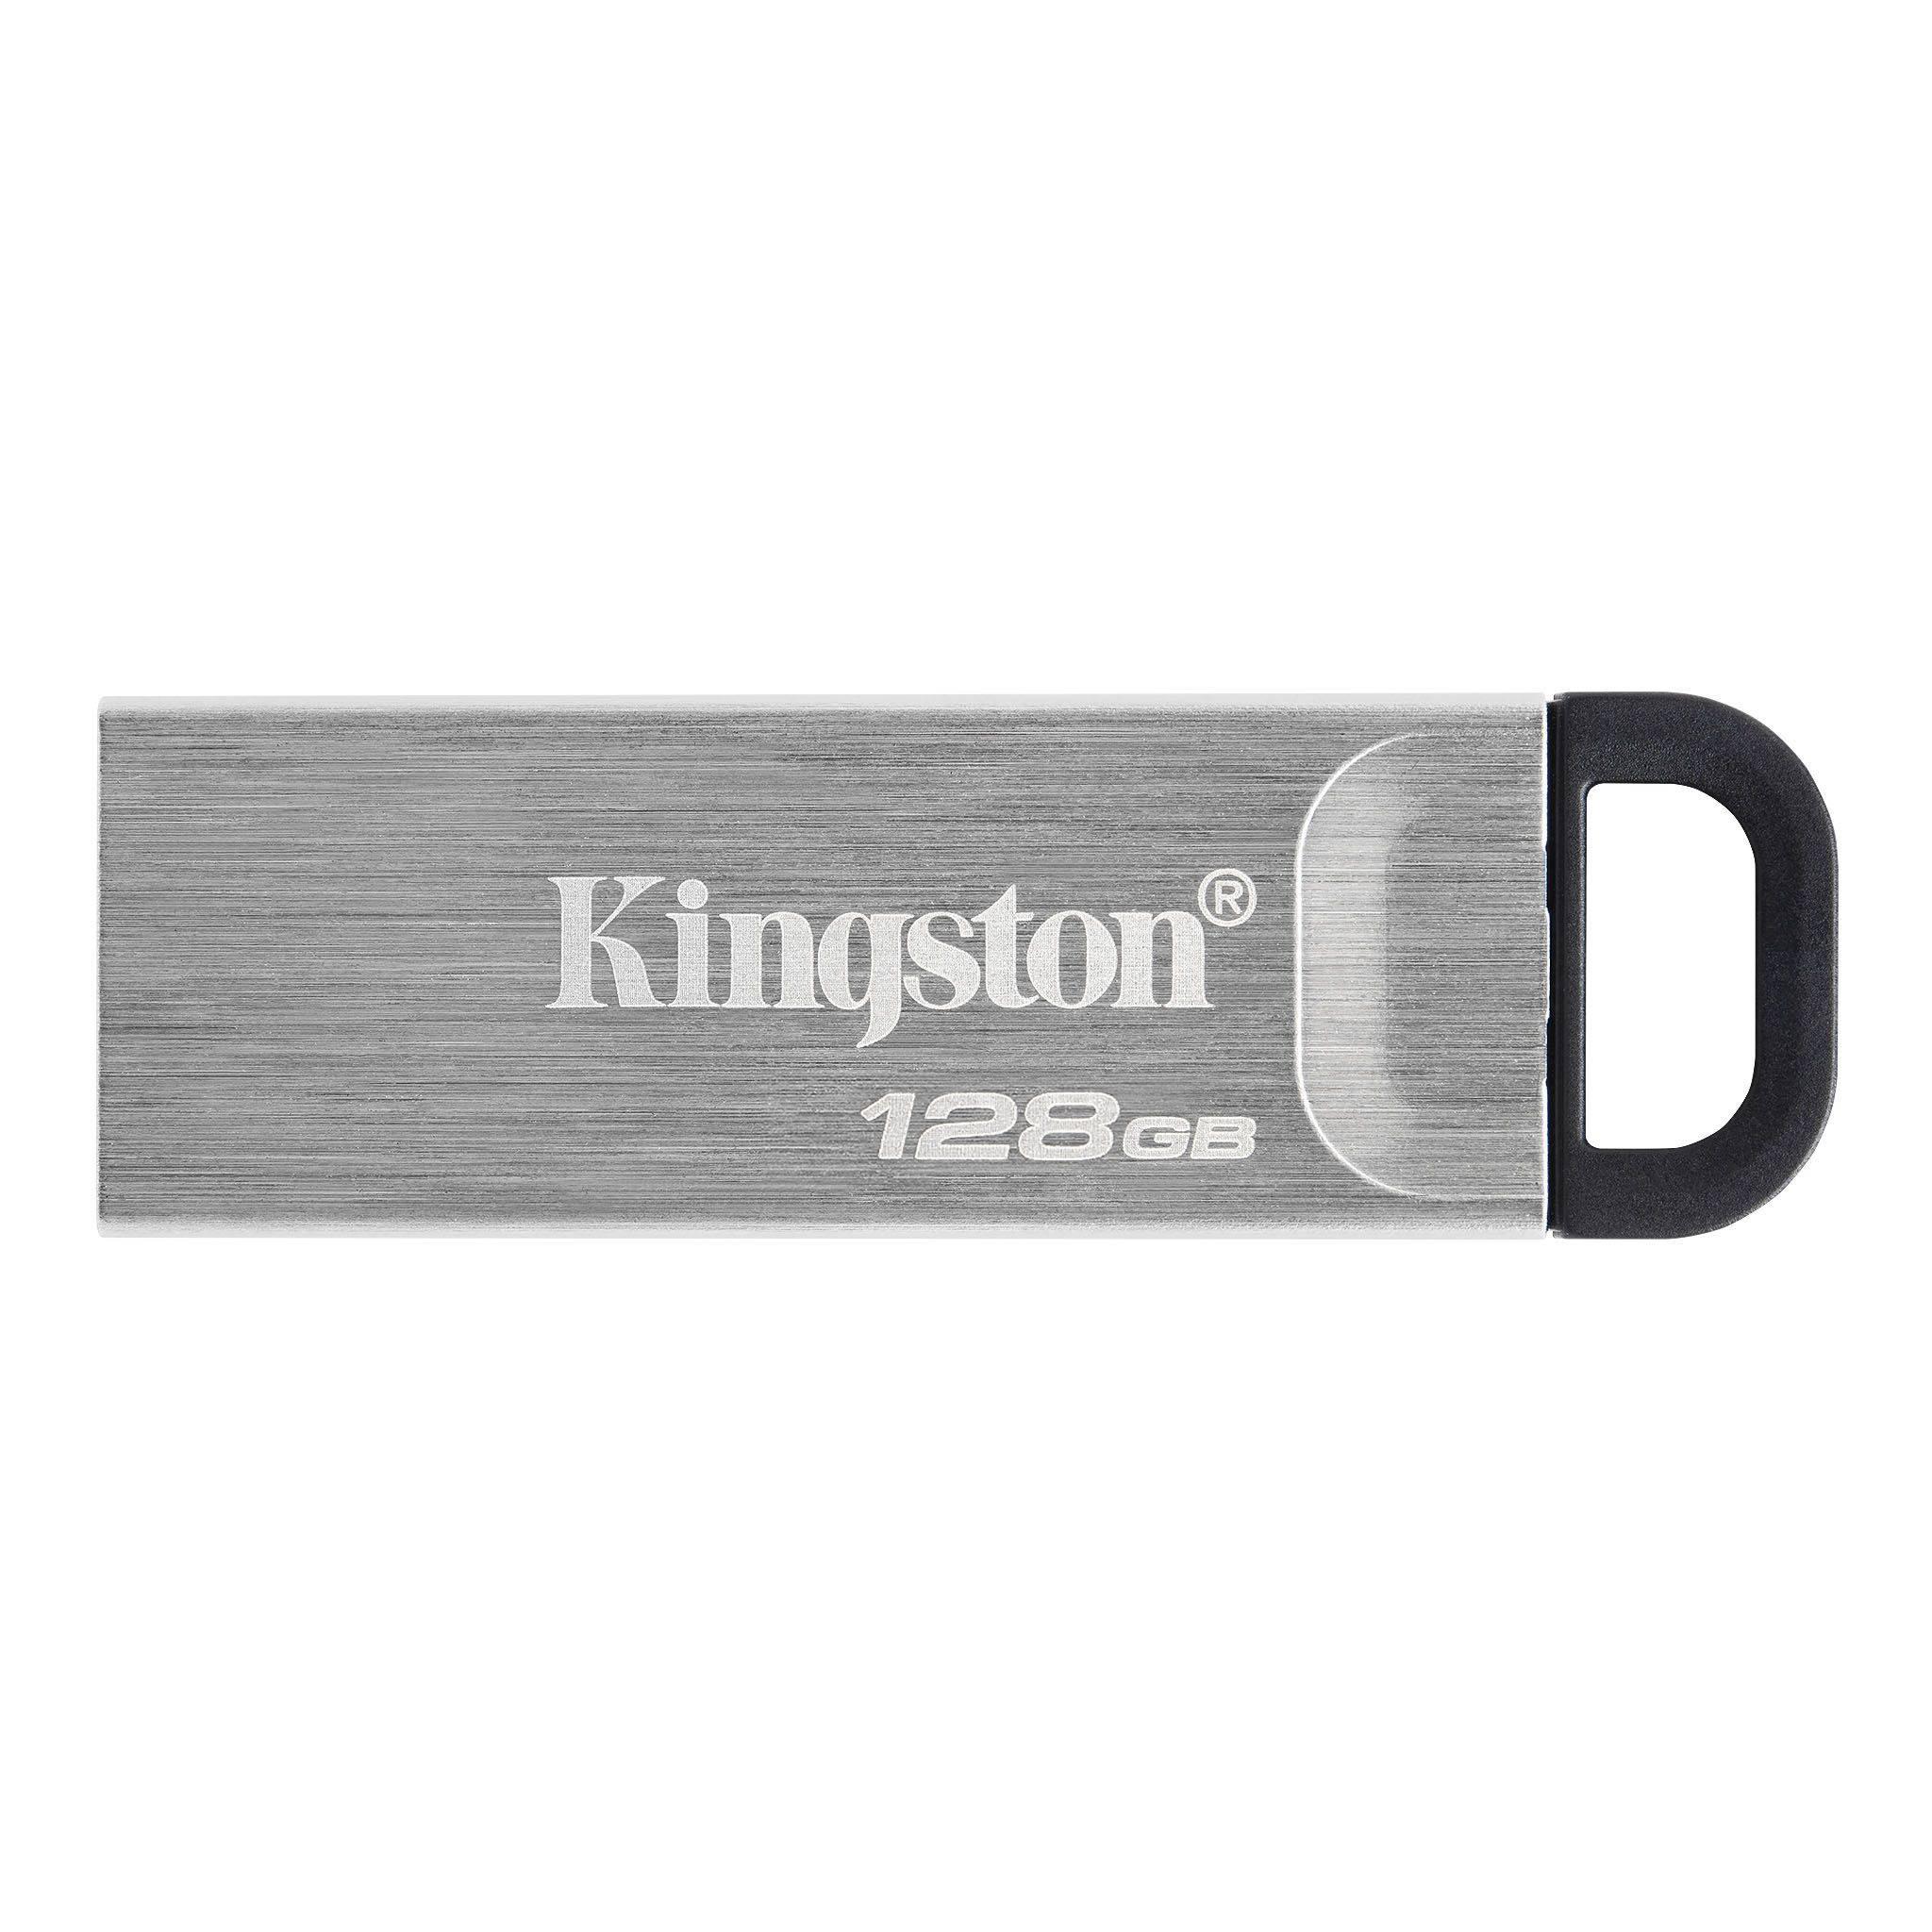 128GB Kingston USB 3.2 (gen 1) DT Kyson - DTKN/128GB